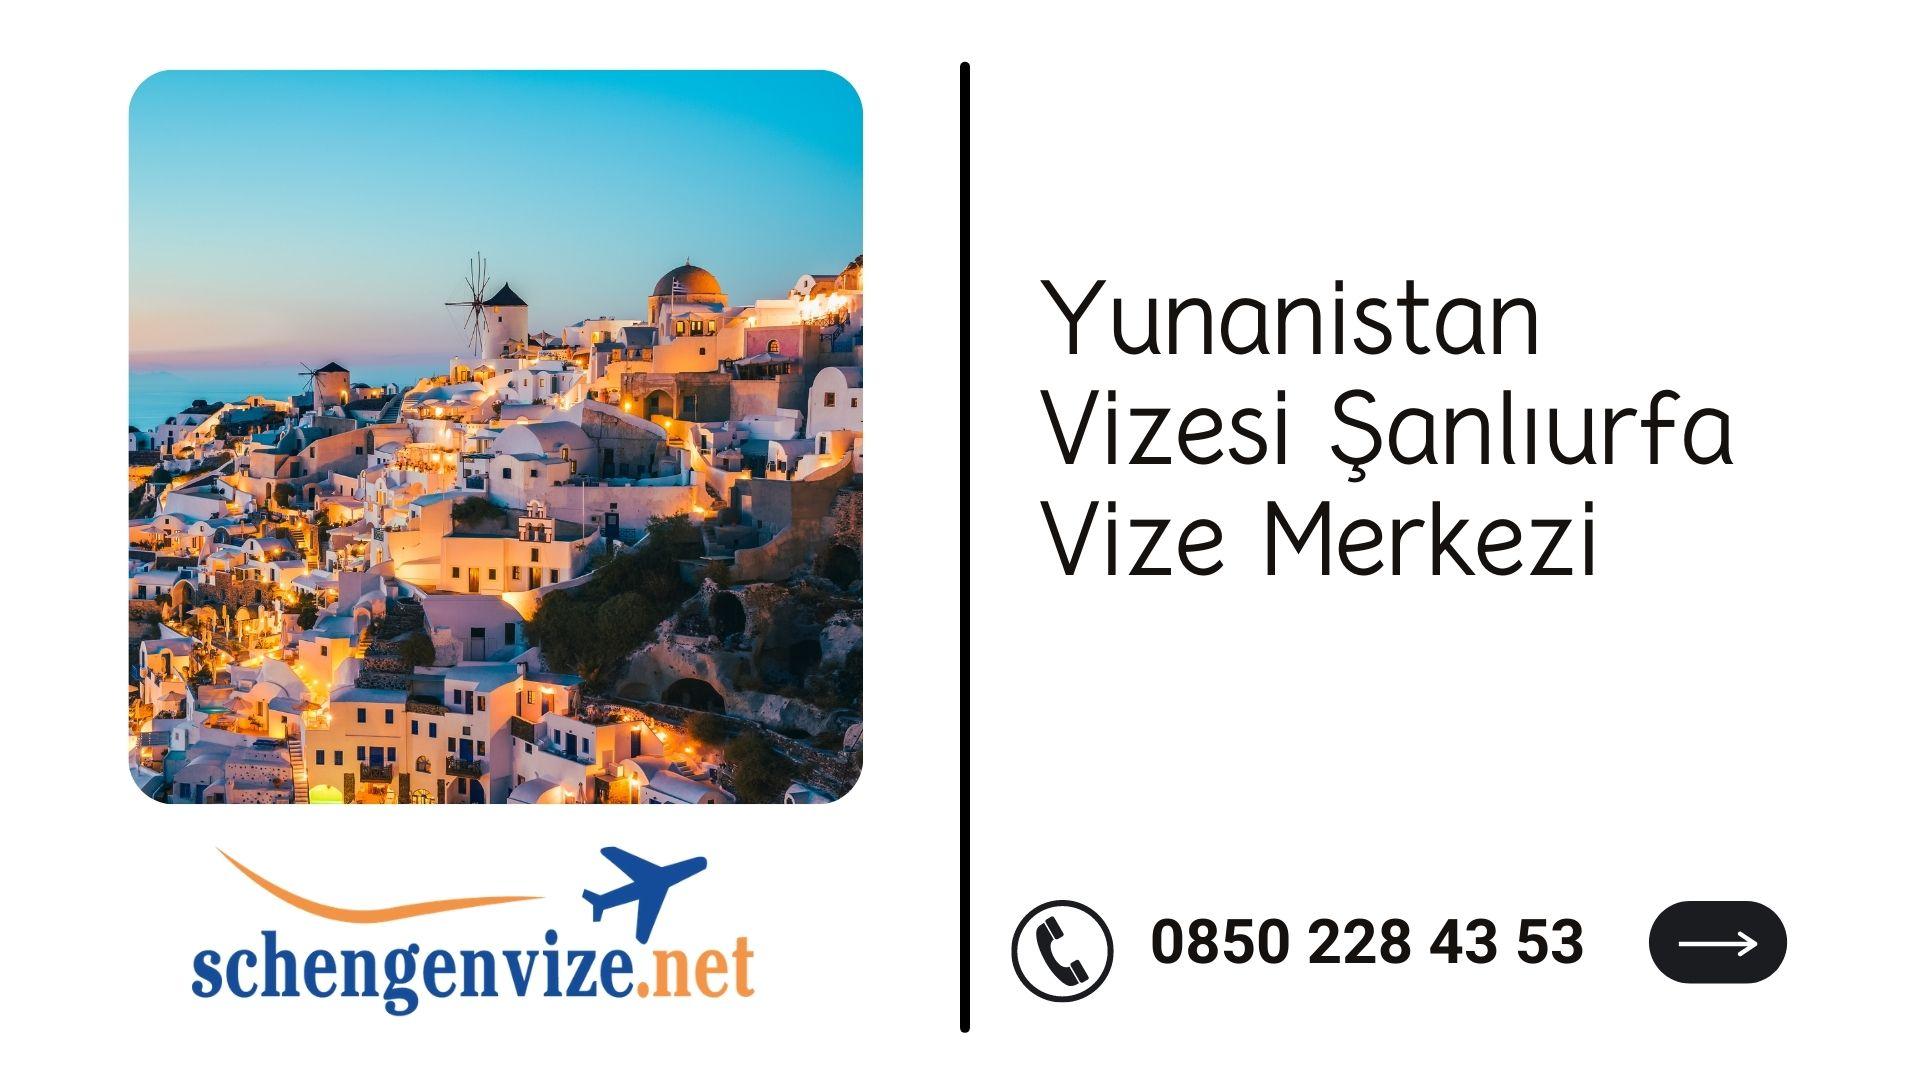 Yunanistan Vizesi Şanlıurfa Vize Merkezi